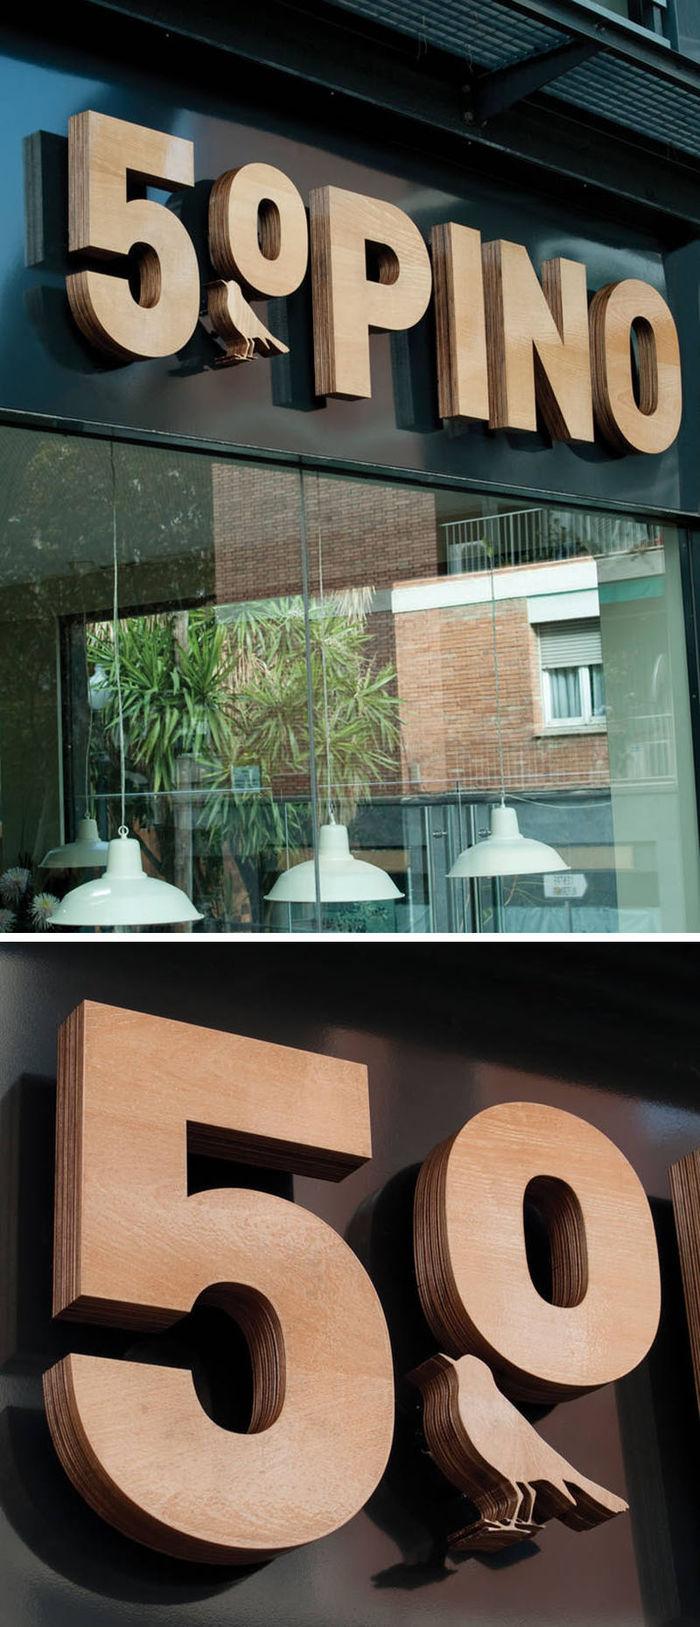 Lo Siento разработал вывеску для 5º Pino. Сдача в аренду производства Felip Pares.